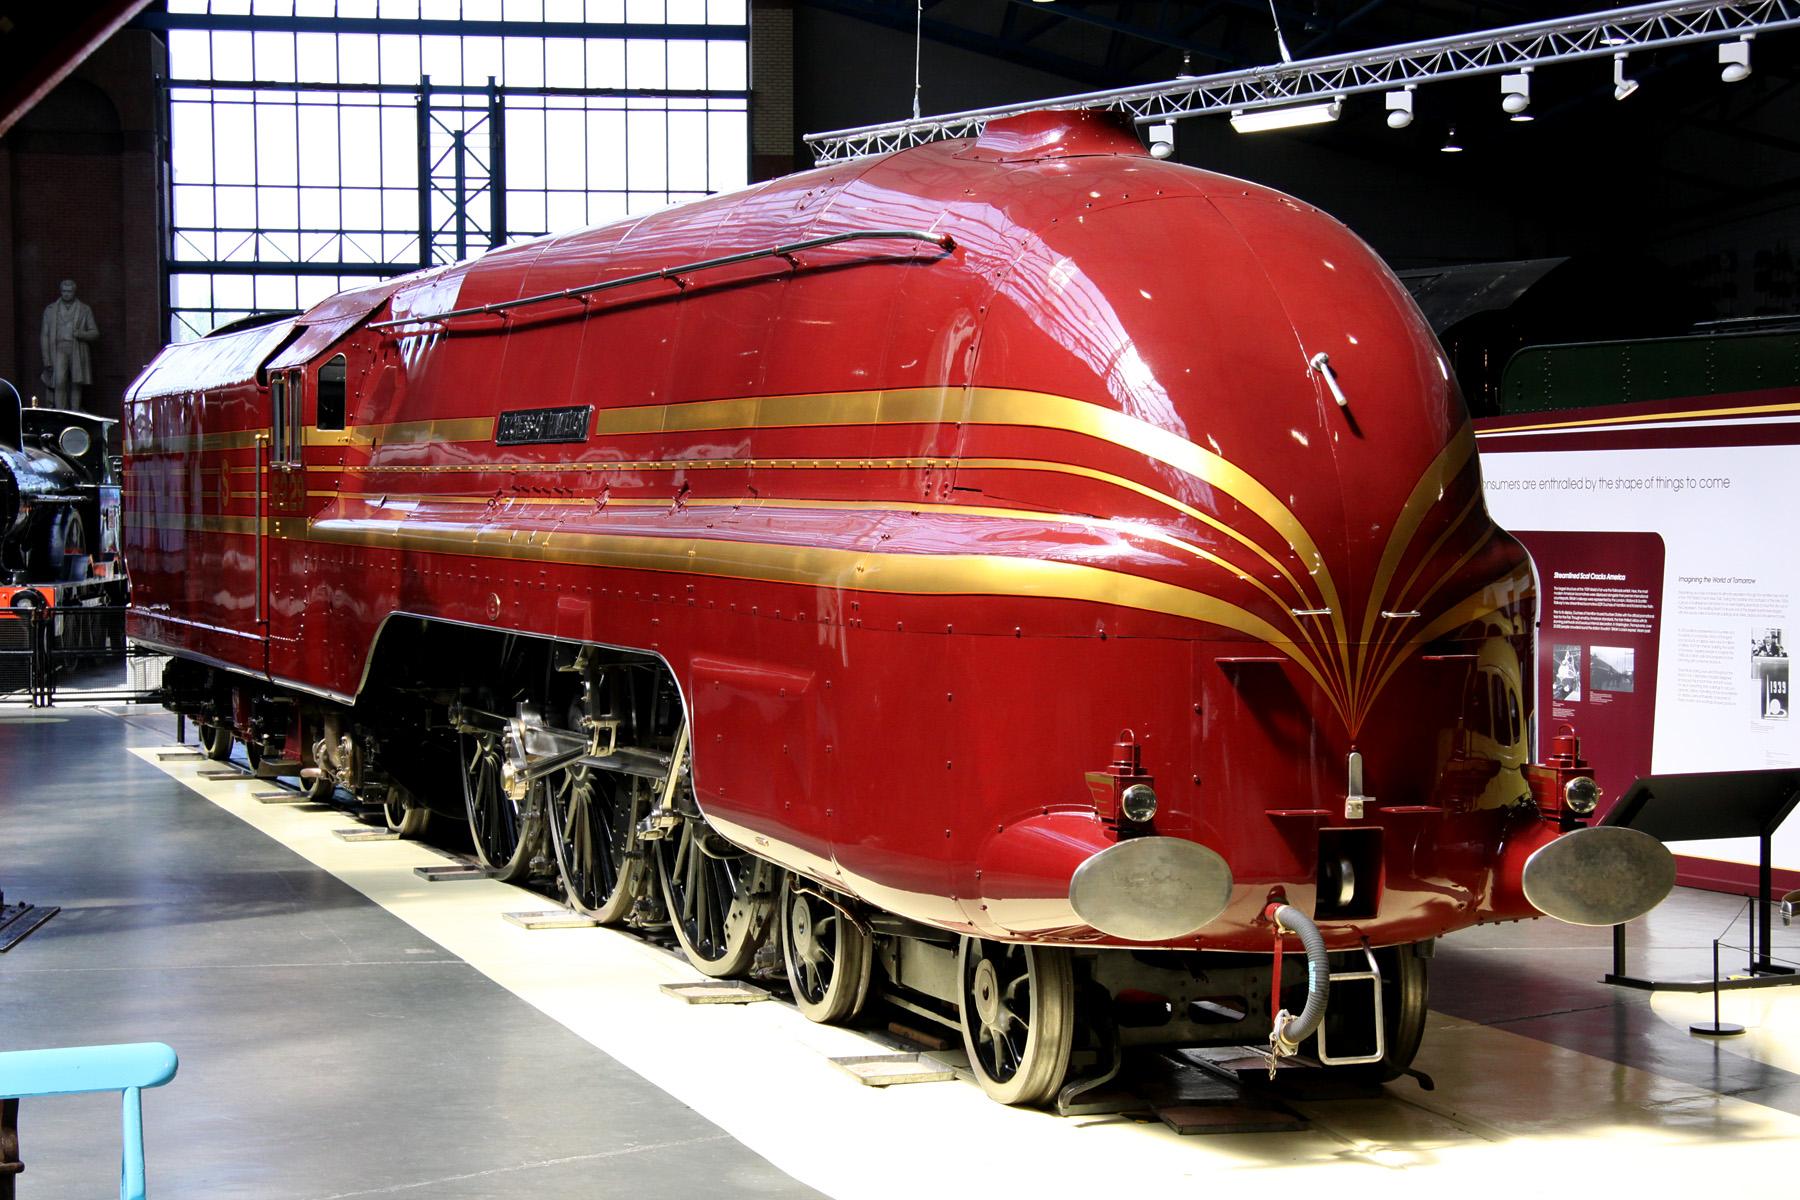 Св (вспн) паровоз с индейцами (2 вагона) 5006